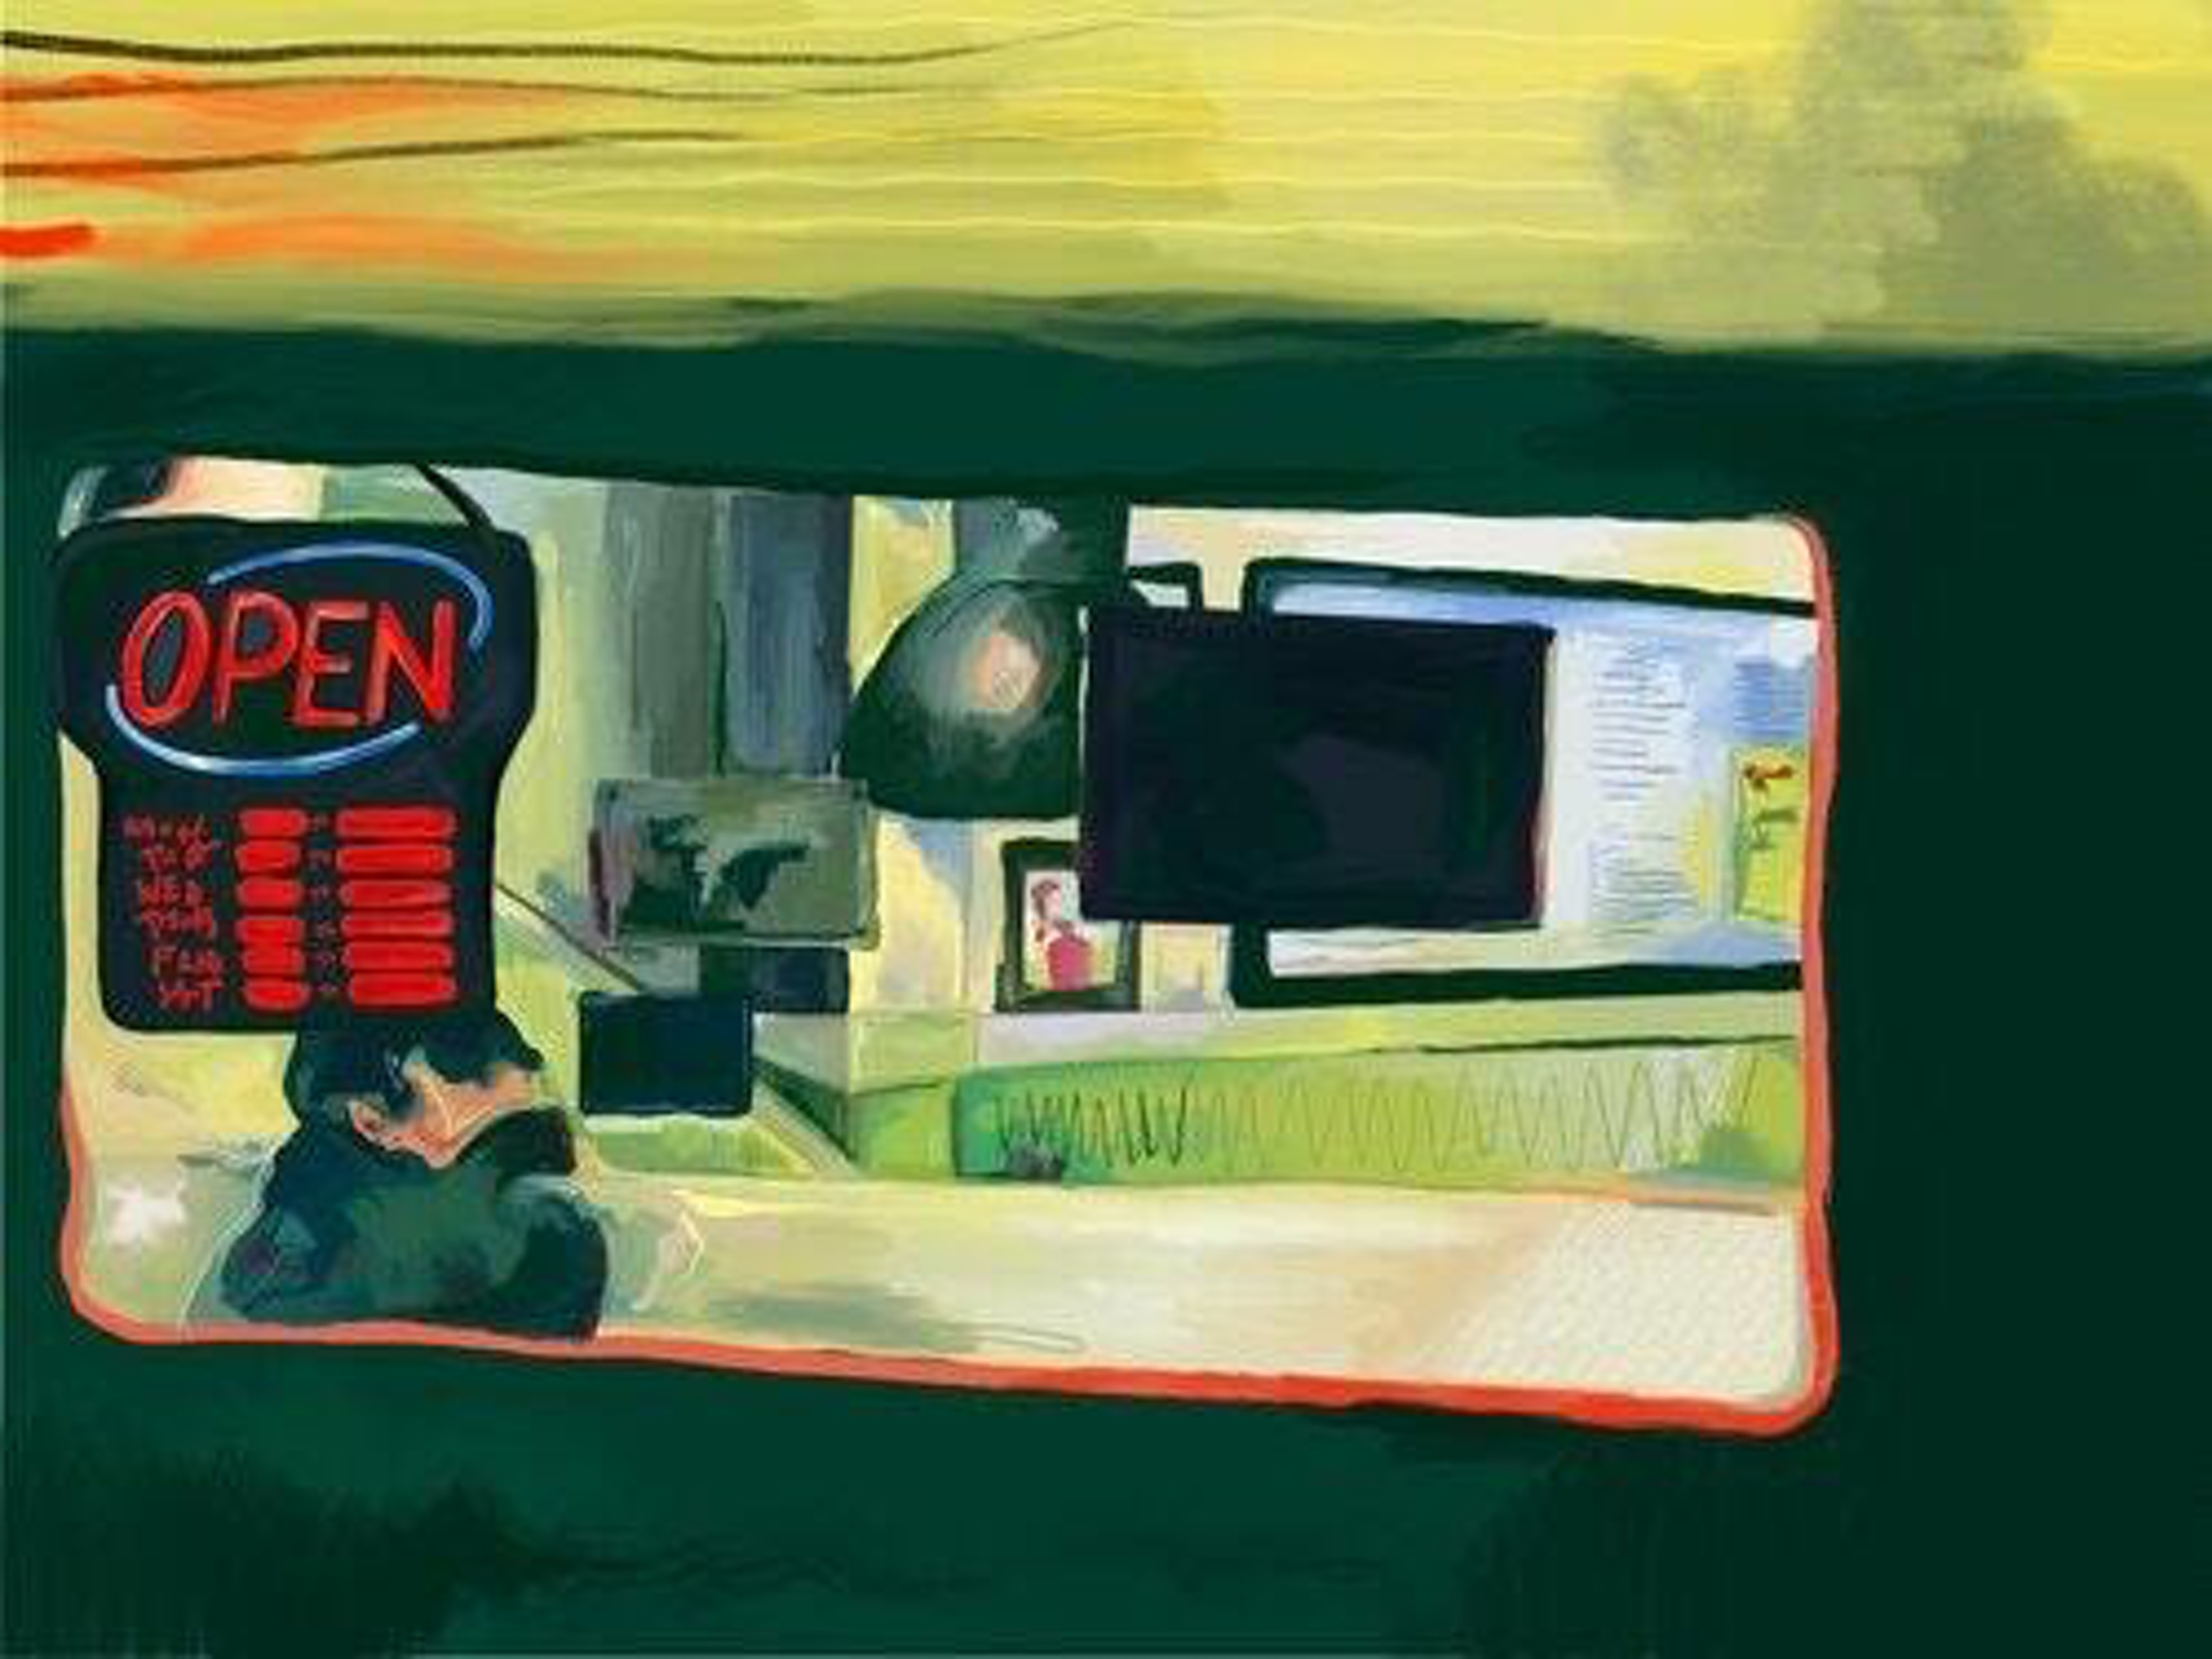 Untitled Artwork3 autocompressfitresizeixlibphp 1 1 0max h2000max w3 D2000q80sa7d7538547bec31afd3a5bfdbaa531e2